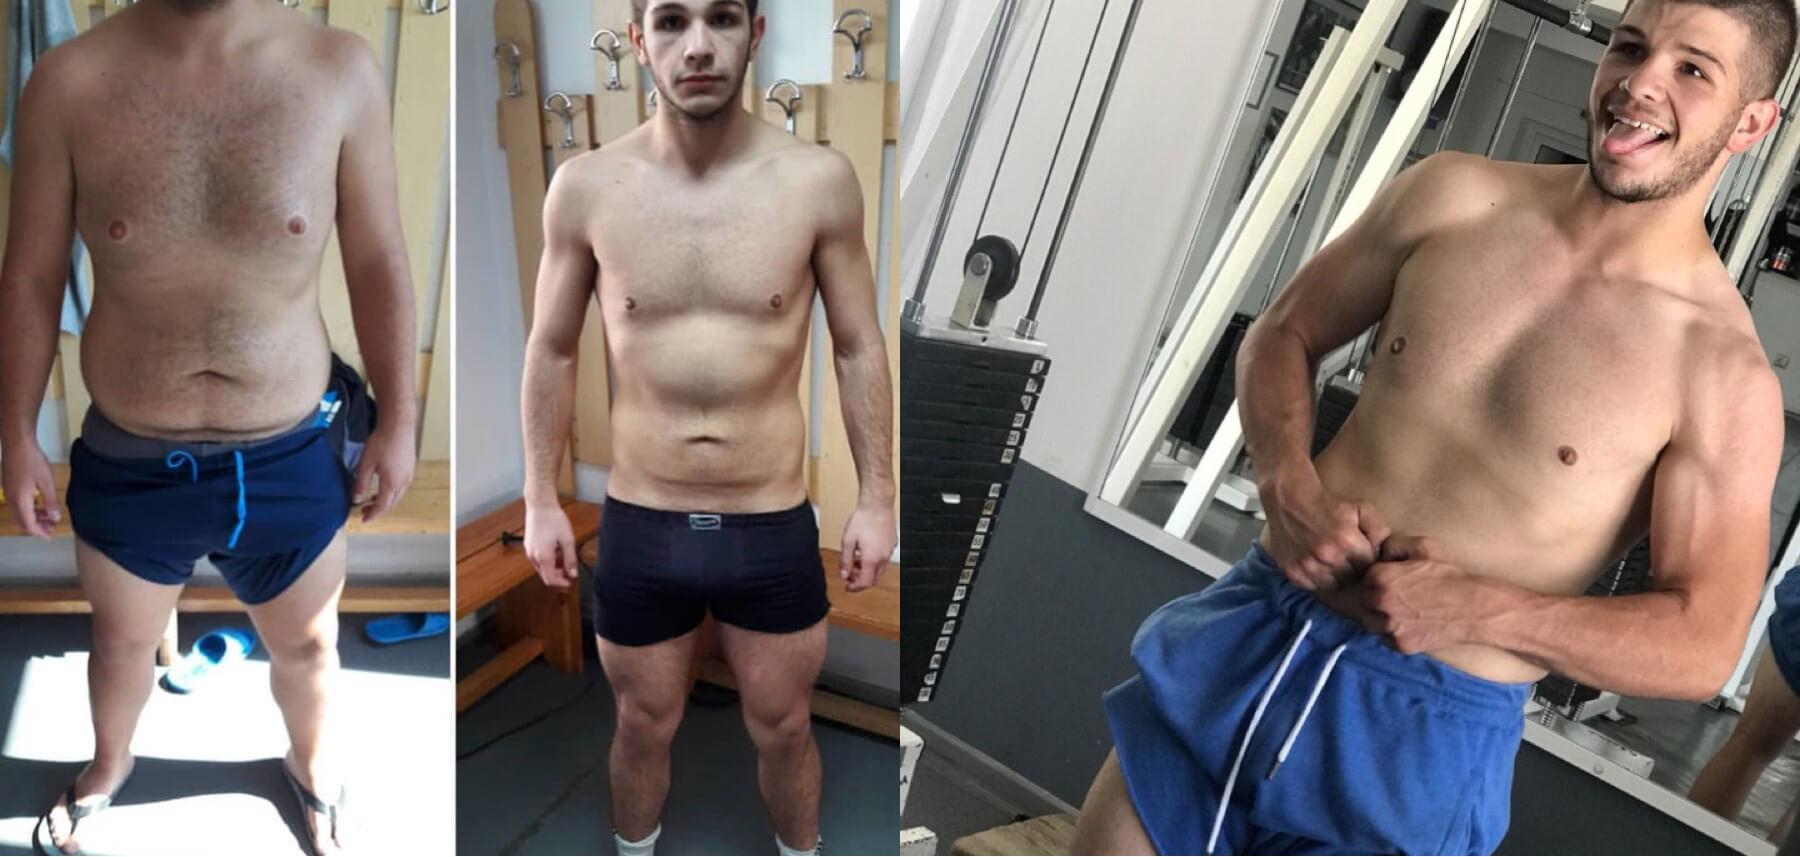 Възможно ли е да изграждам мускулна тъкан докато изгарям излишните мазнини?